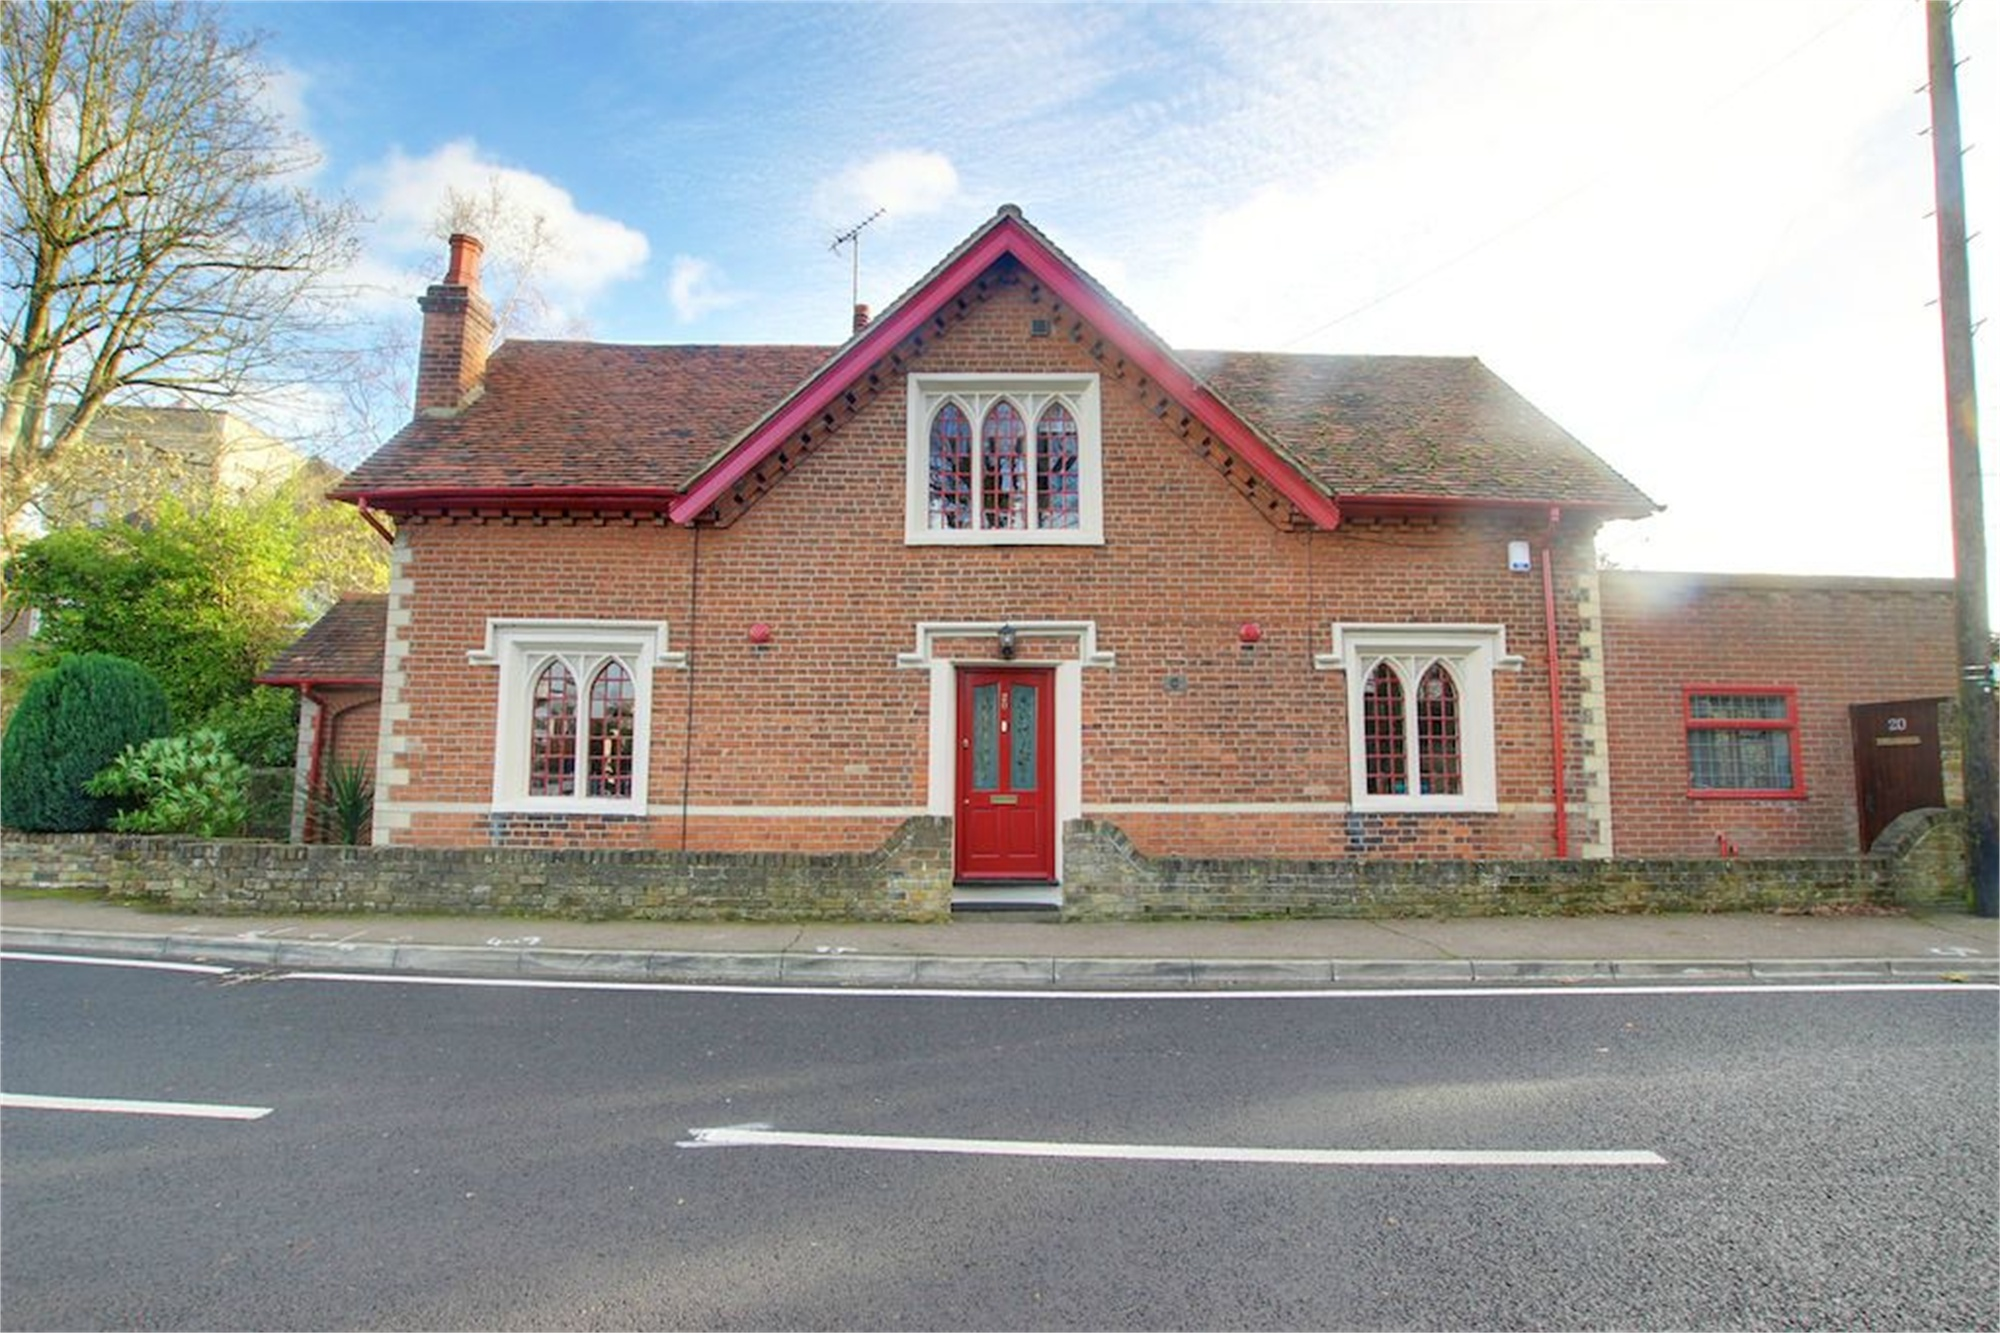 Church Lane, Loughton, Essex